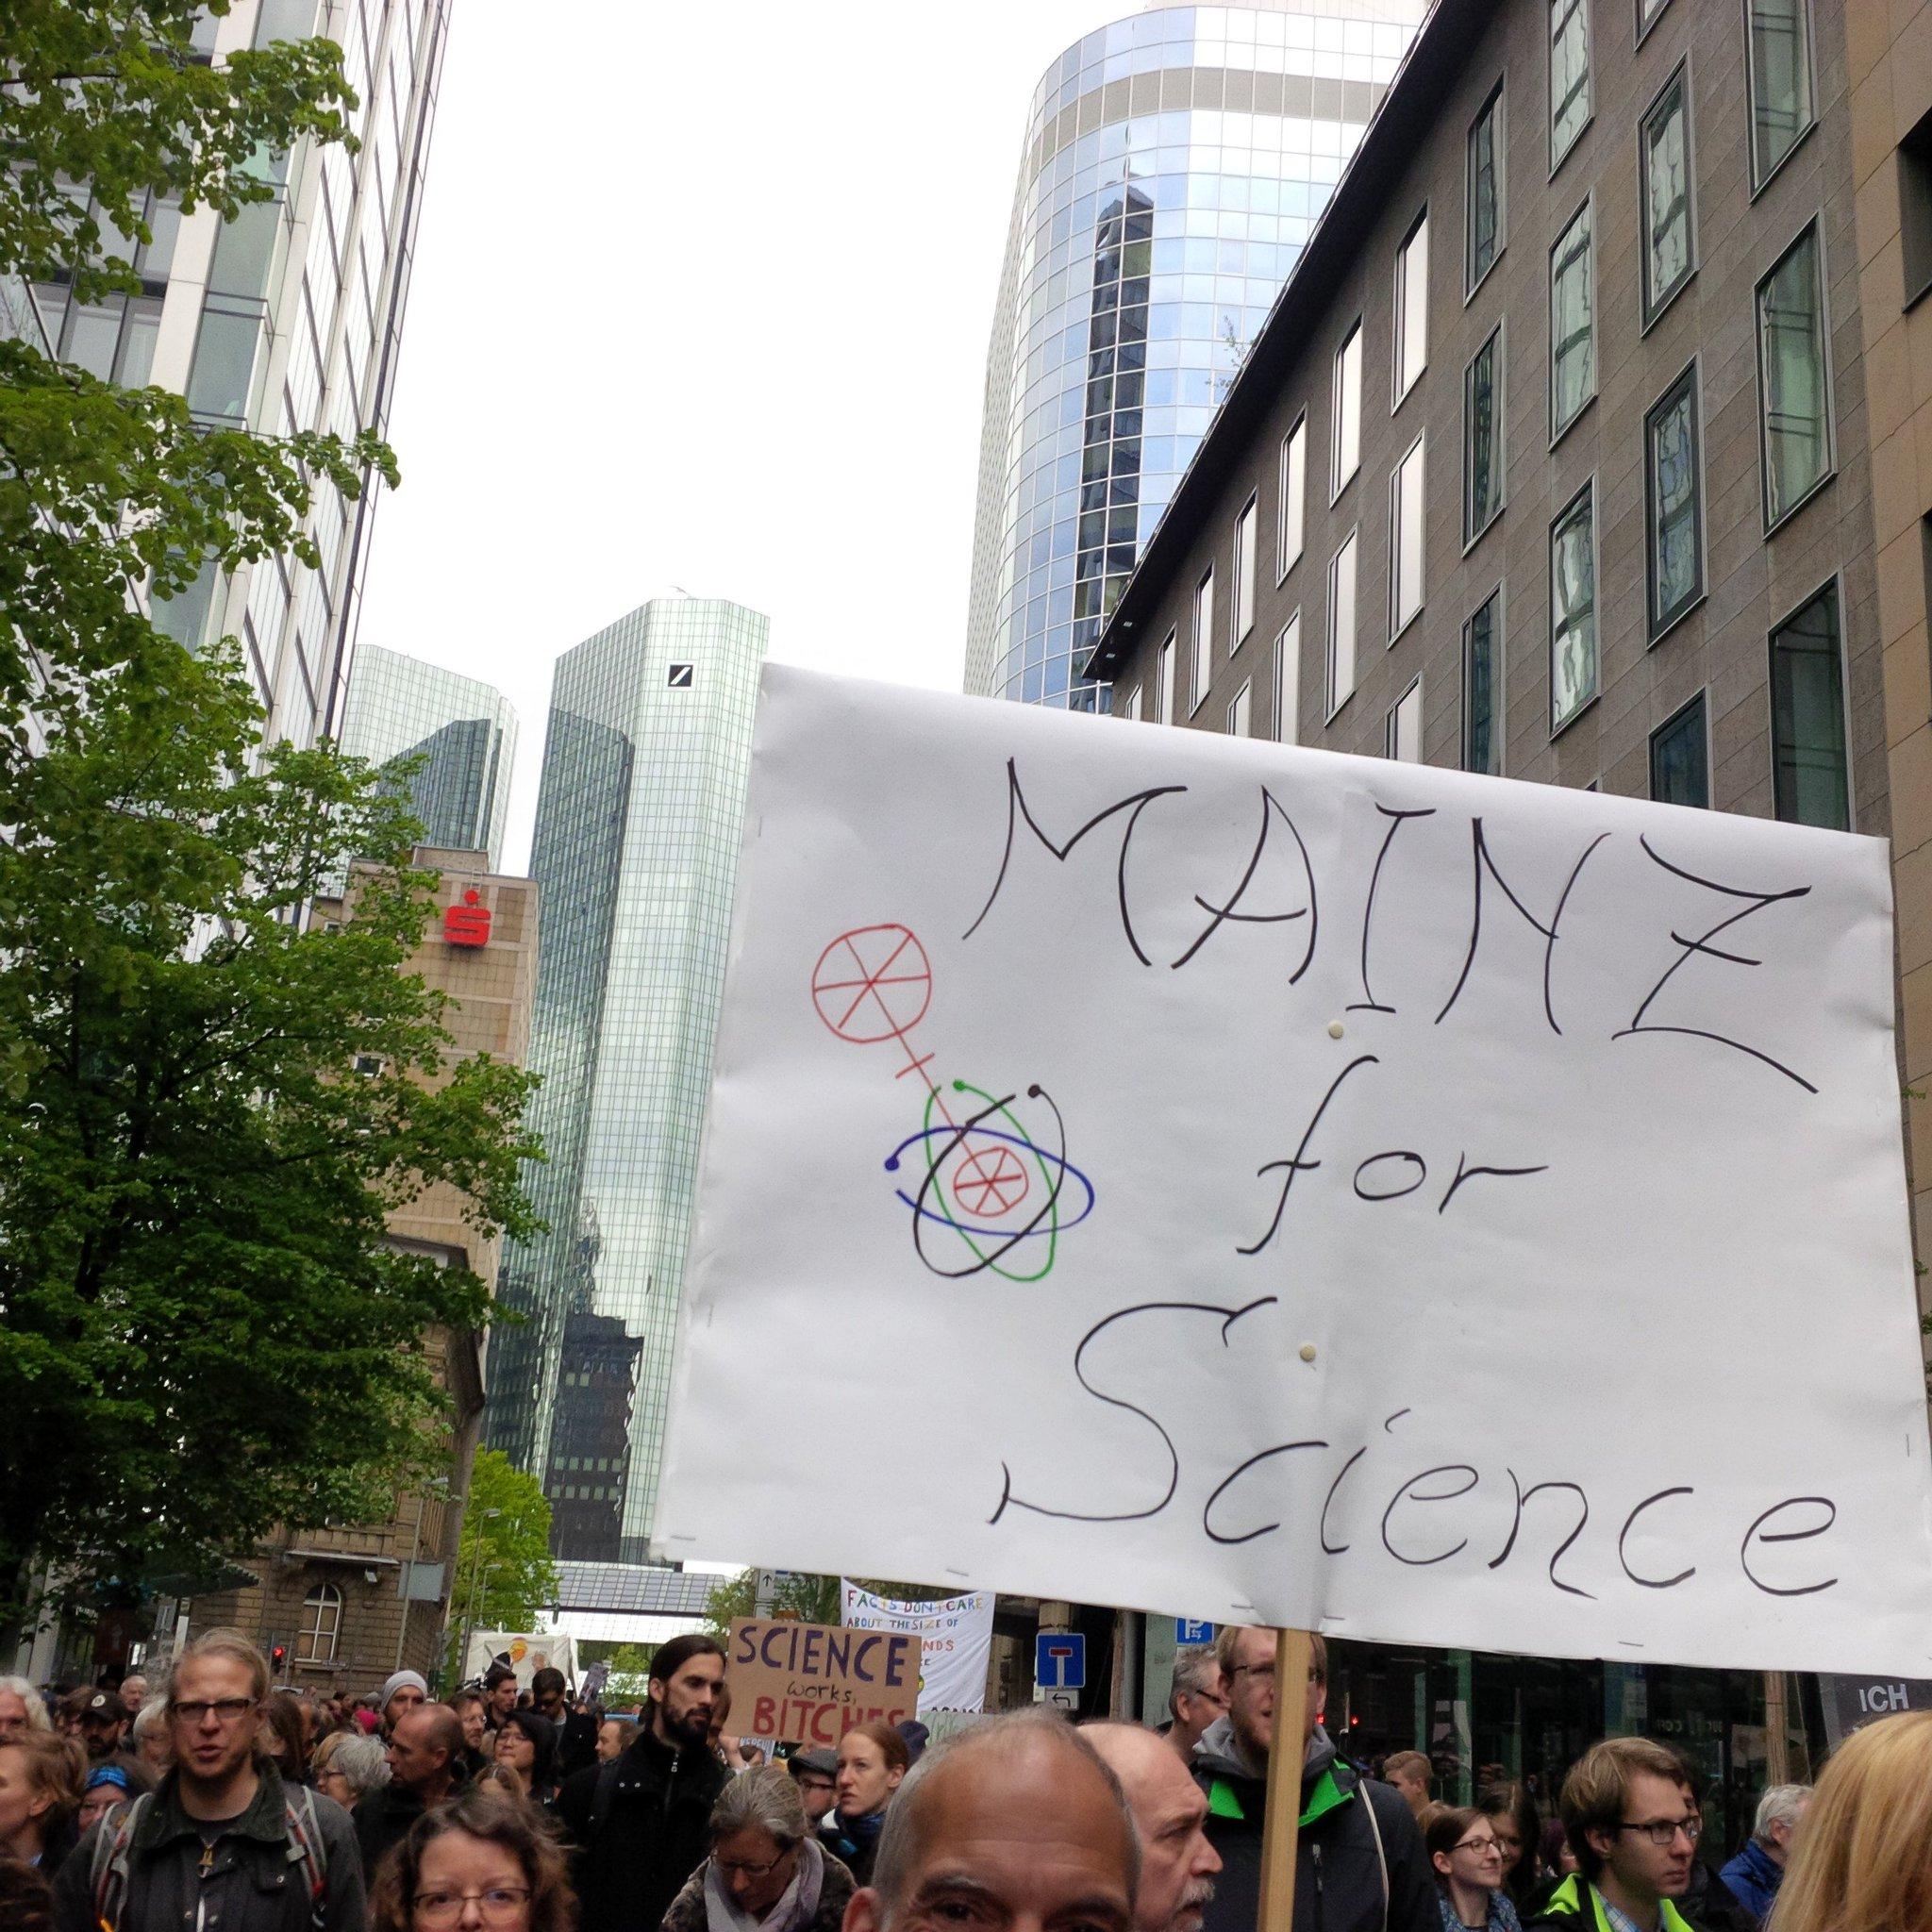 Auf gute Nachbarschaft. #sciencemarchFfm https://t.co/2rC6VFBUgm